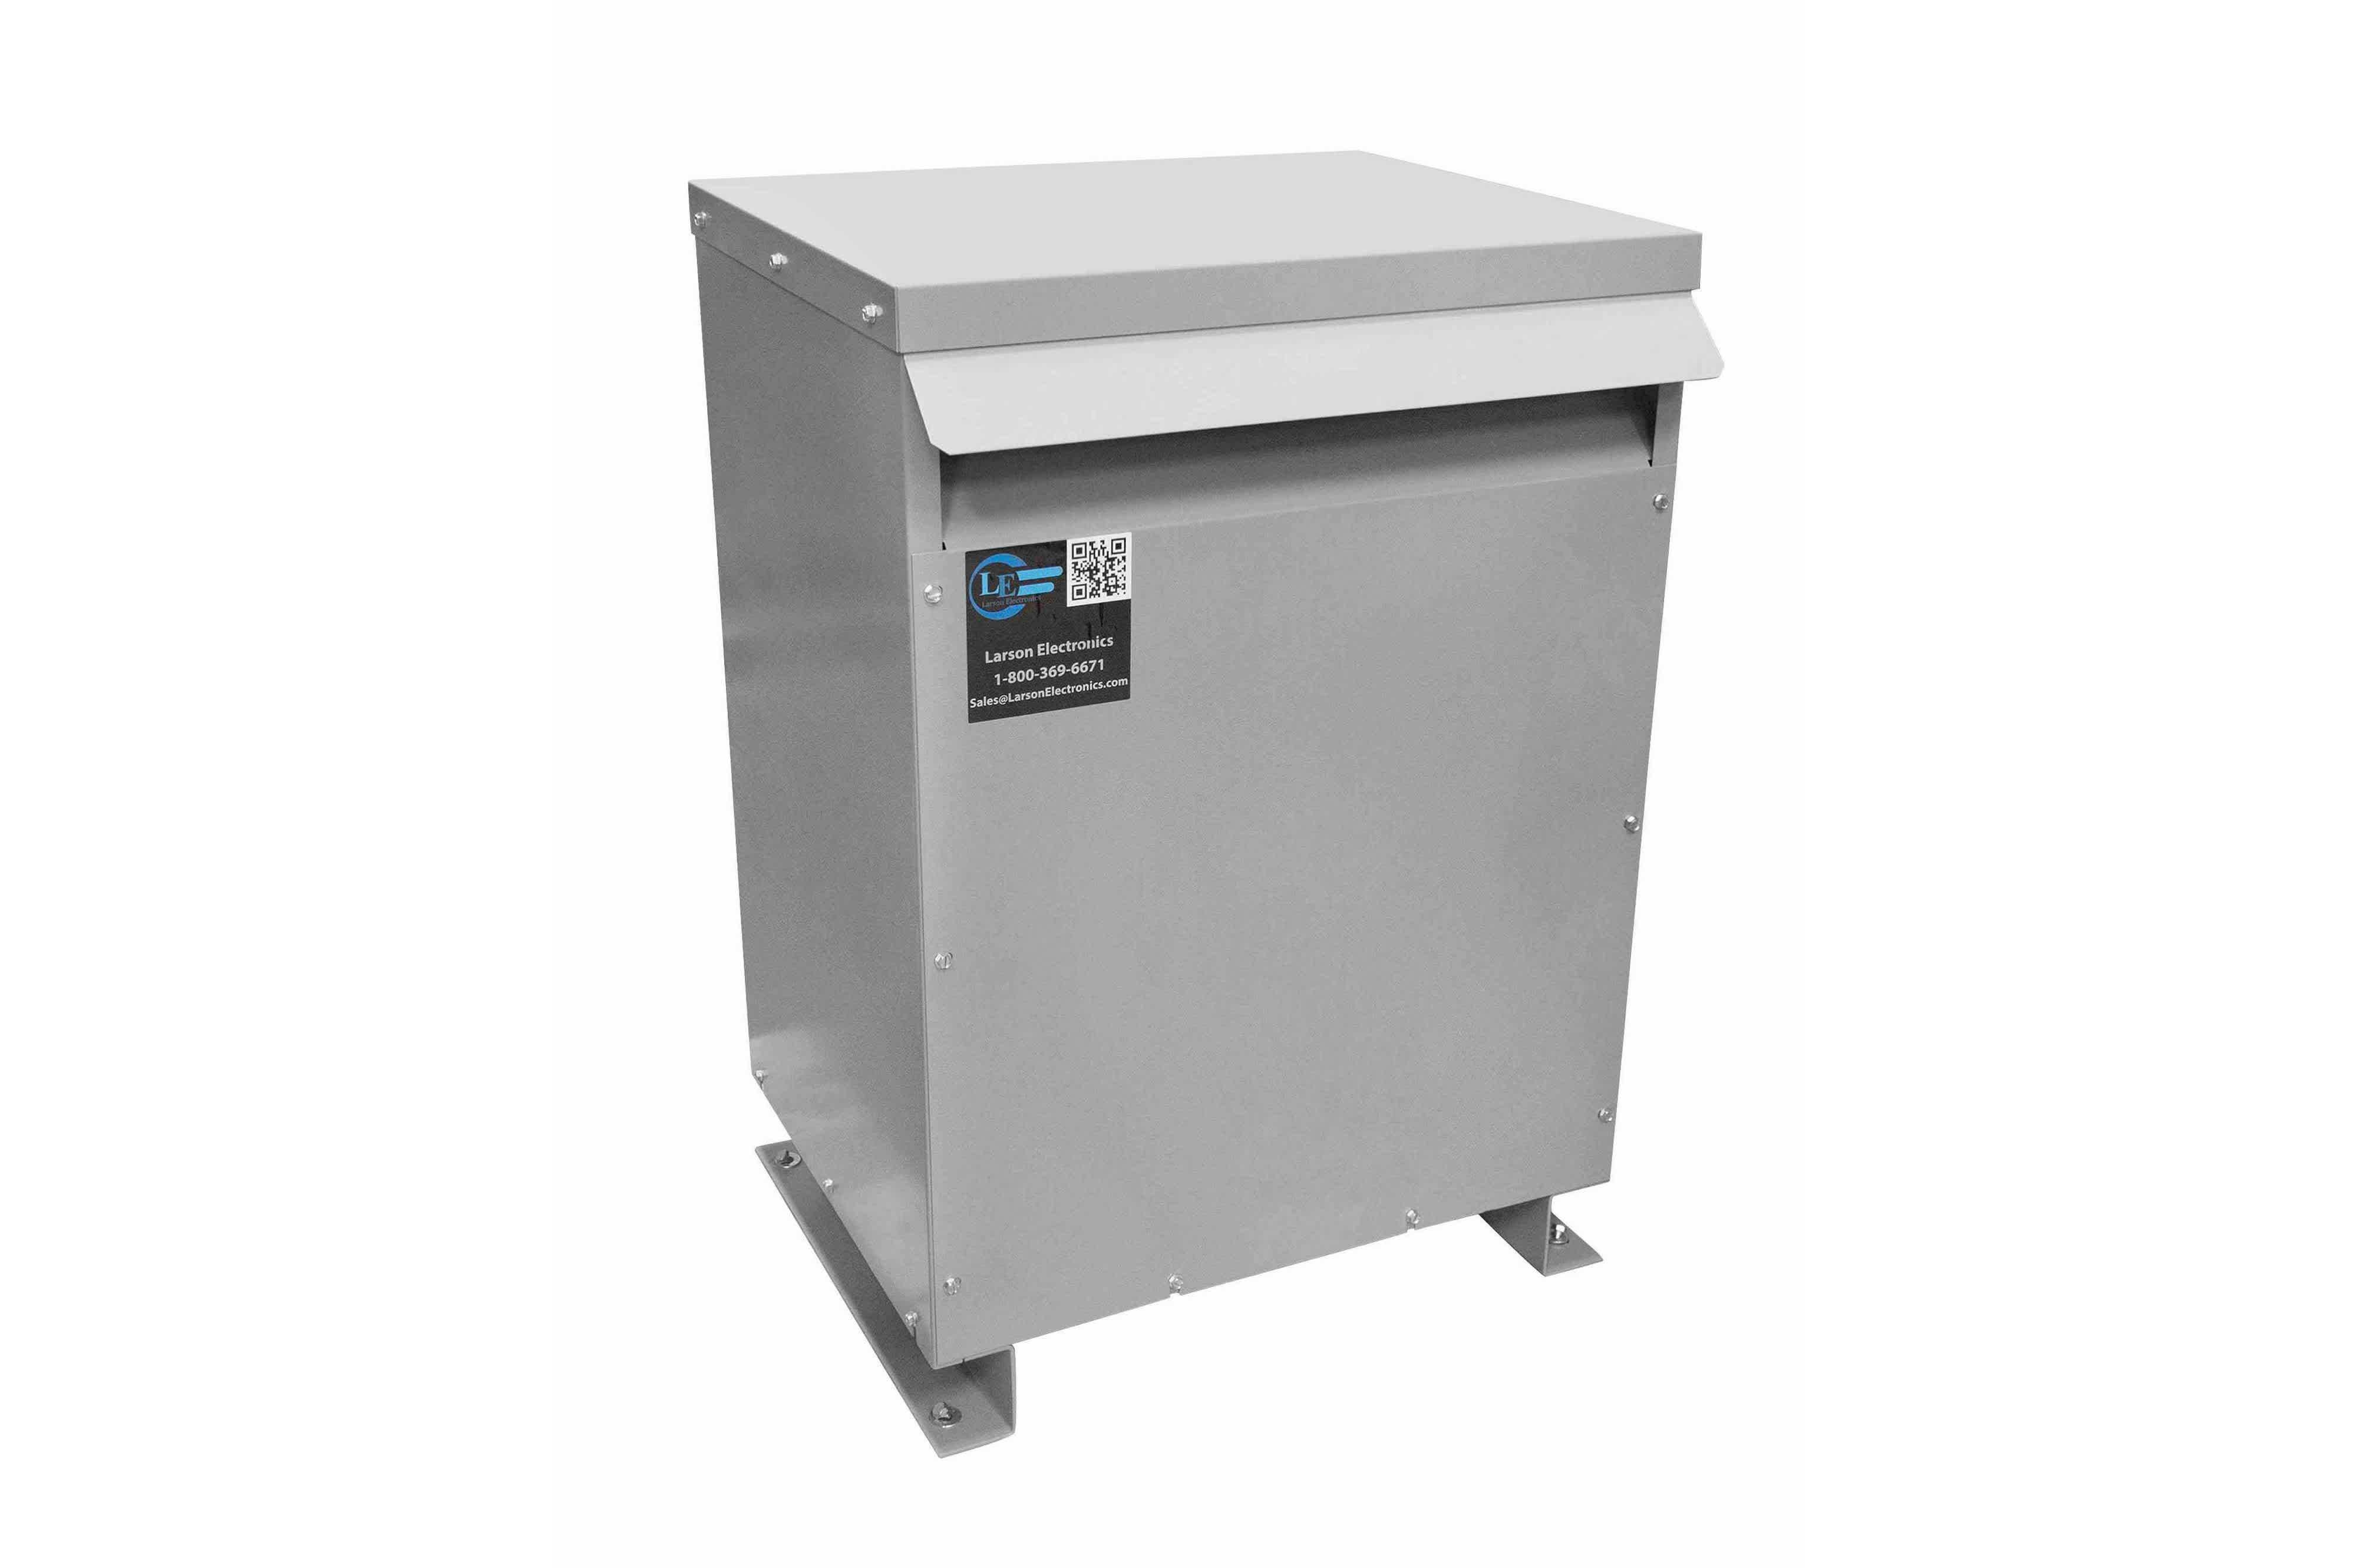 75 kVA 3PH Isolation Transformer, 240V Delta Primary, 400V Delta Secondary, N3R, Ventilated, 60 Hz